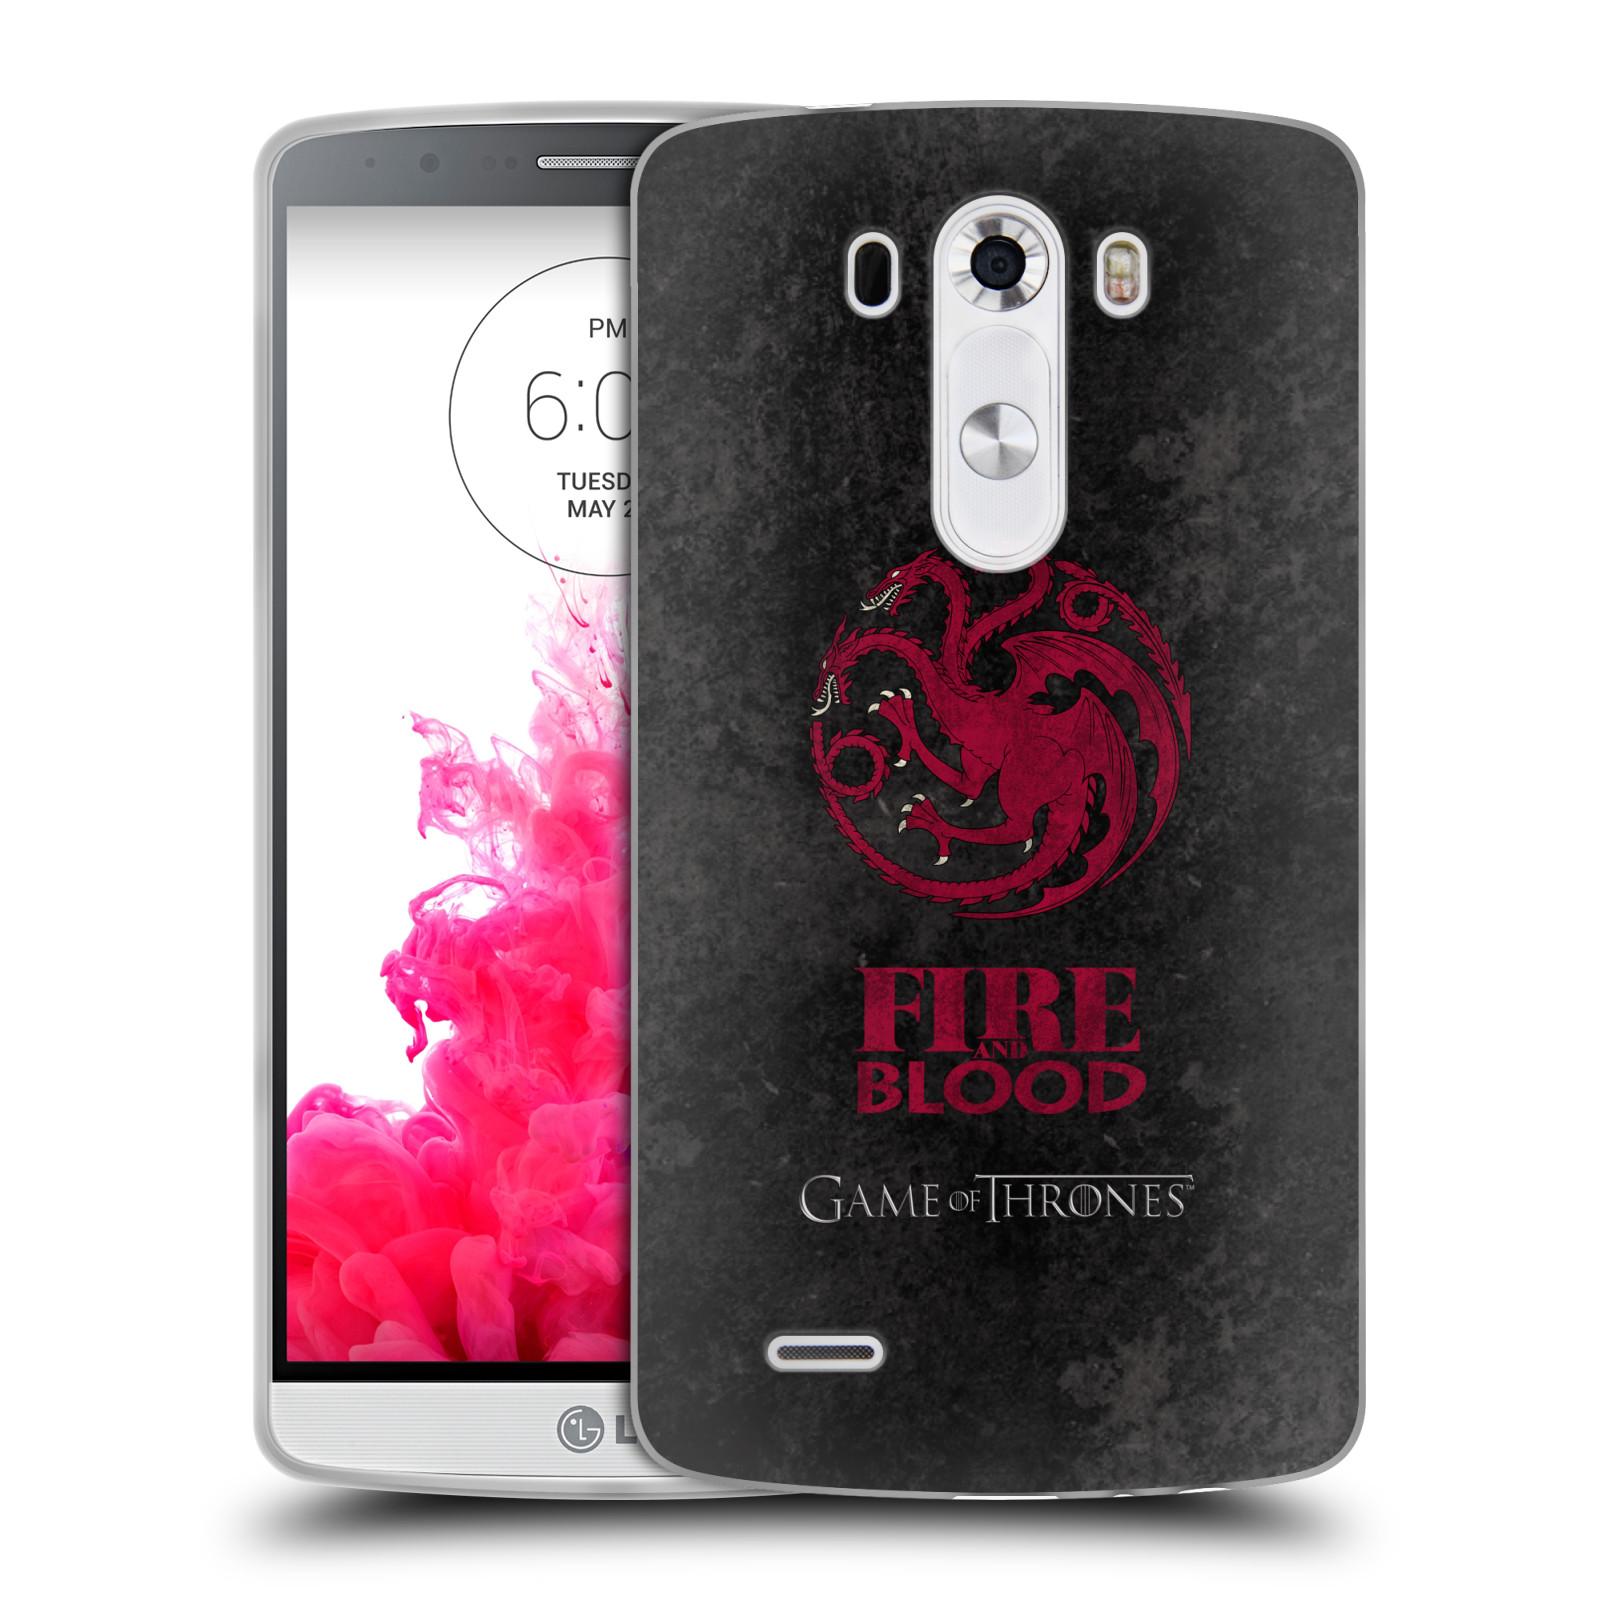 Silikonové pouzdro na mobil LG G3 HEAD CASE Hra o trůny - Sigils Targaryen - Fire and Blood (Silikonový kryt či obal na mobilní telefon s licencovaným motivem Hra o trůny - Game Of Thrones pro LG G3)